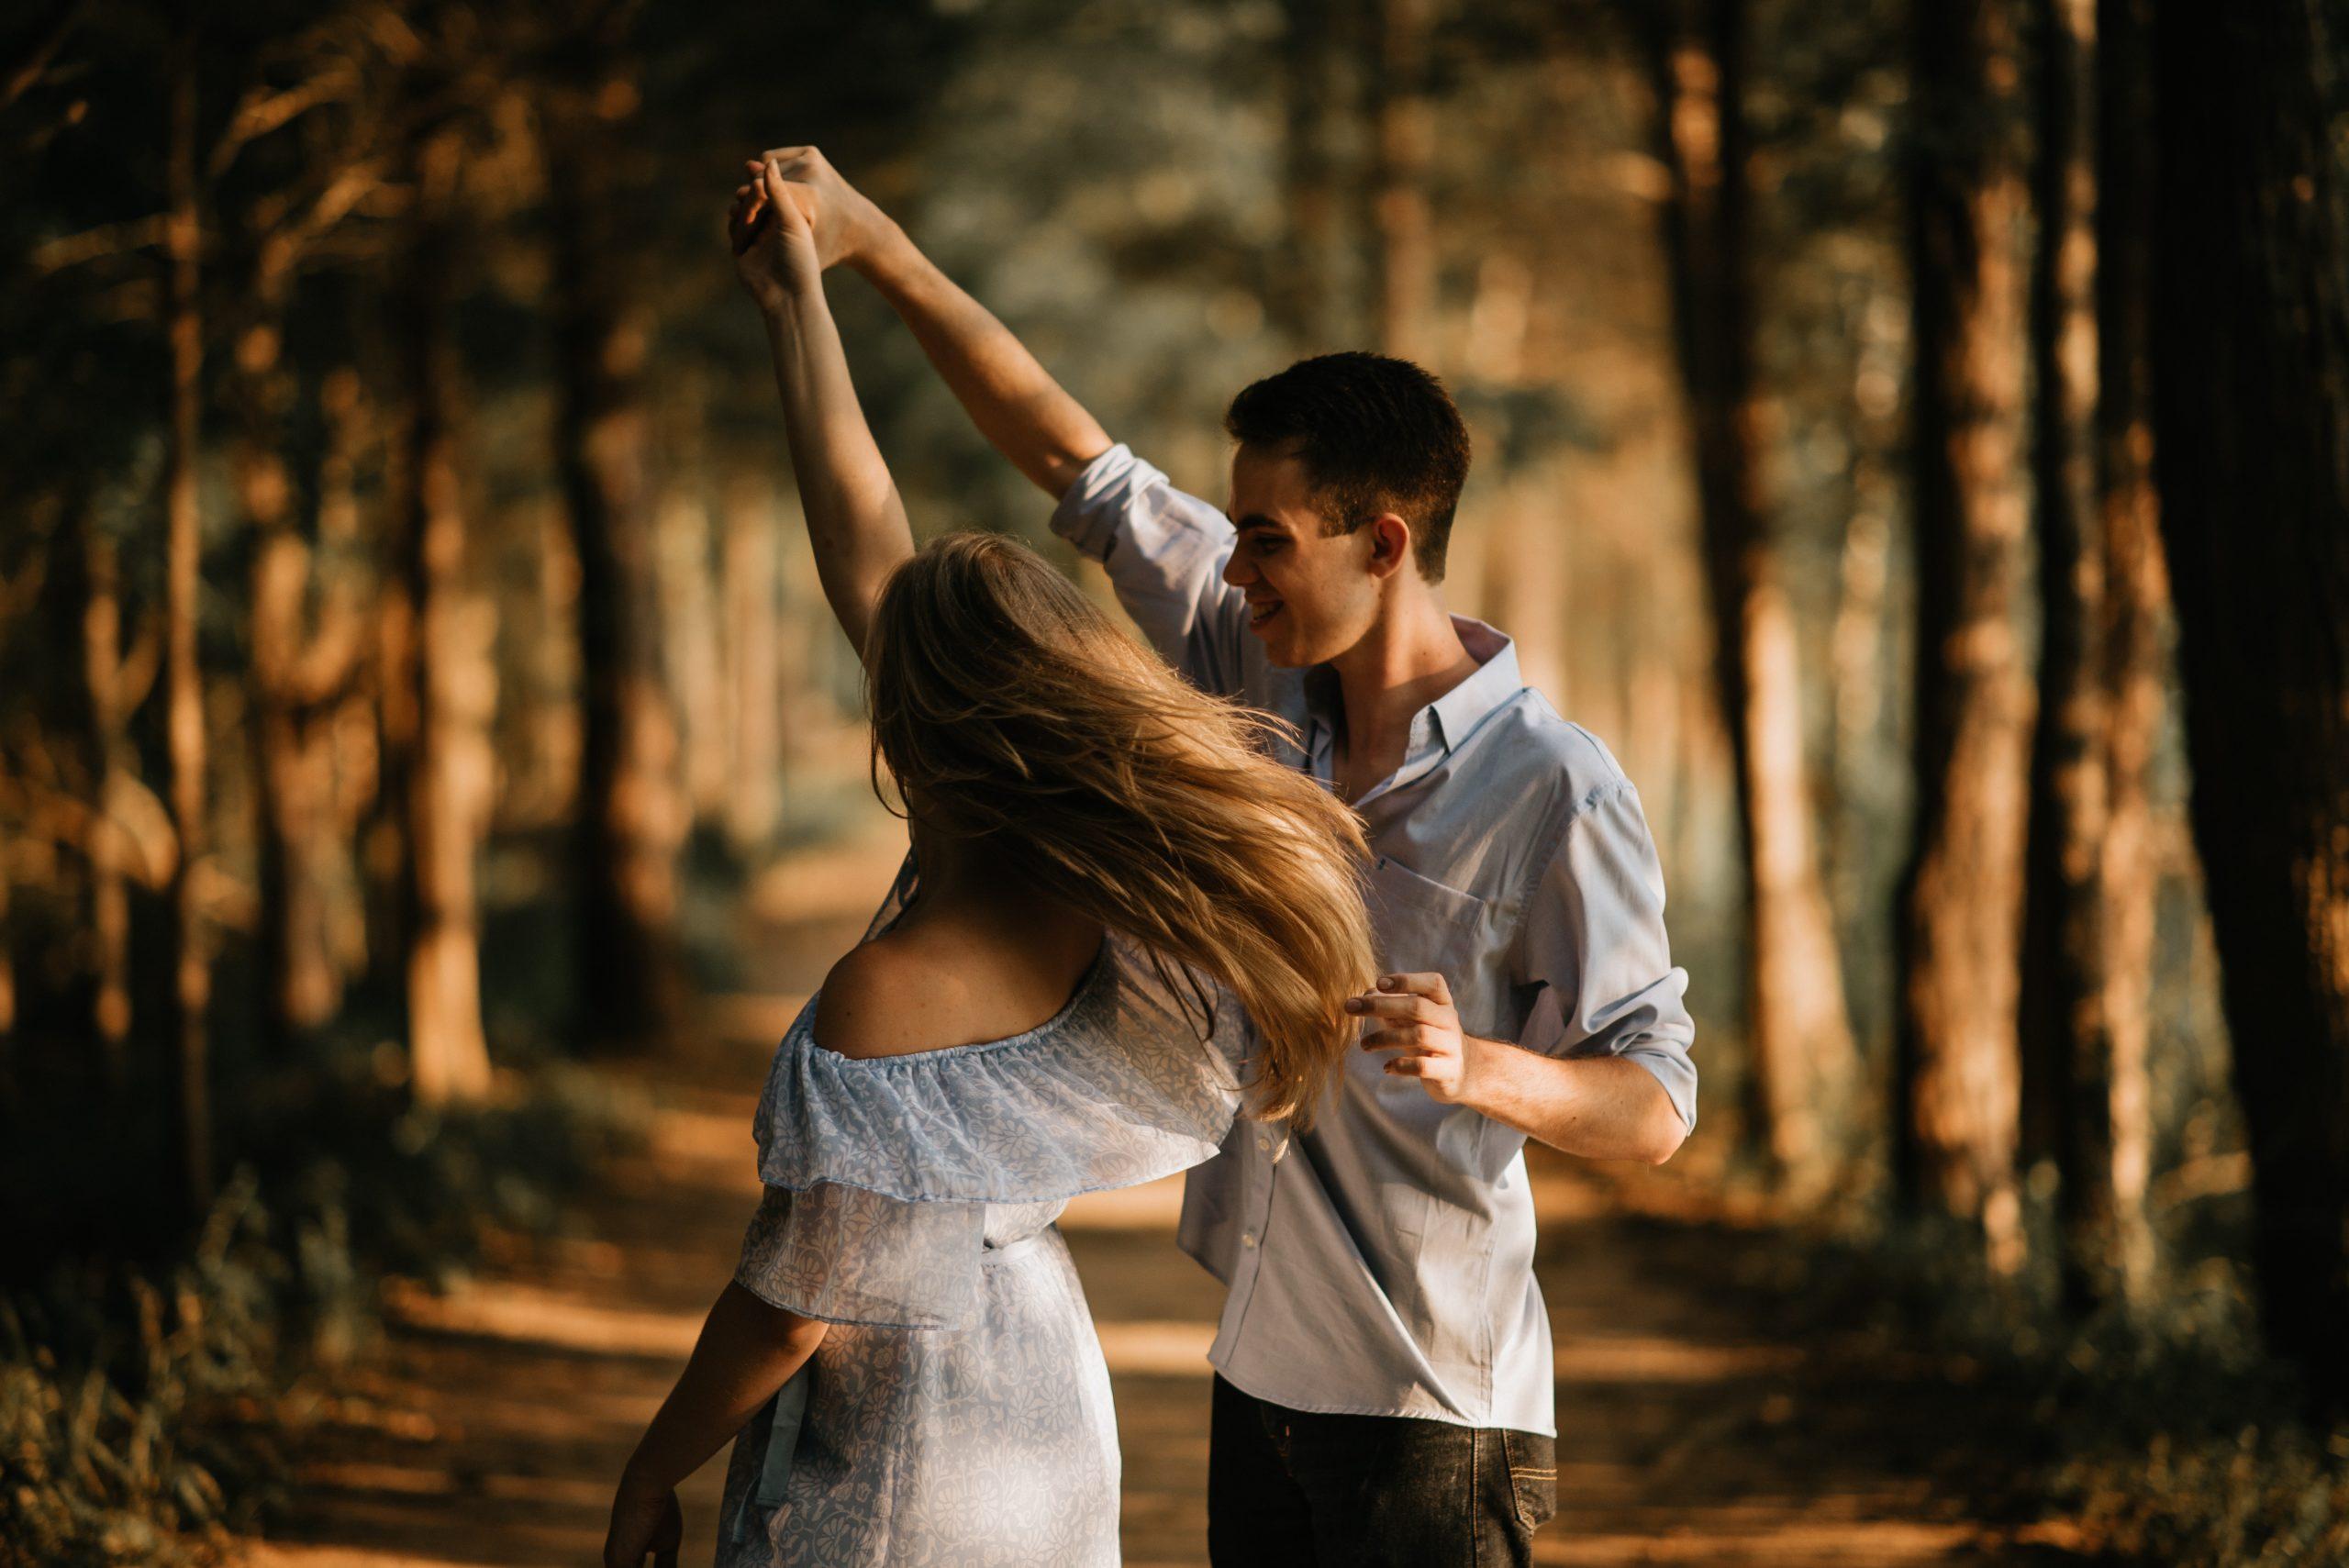 プラトニック恋愛をしたい…カミングアウトのタイミングや説得方法